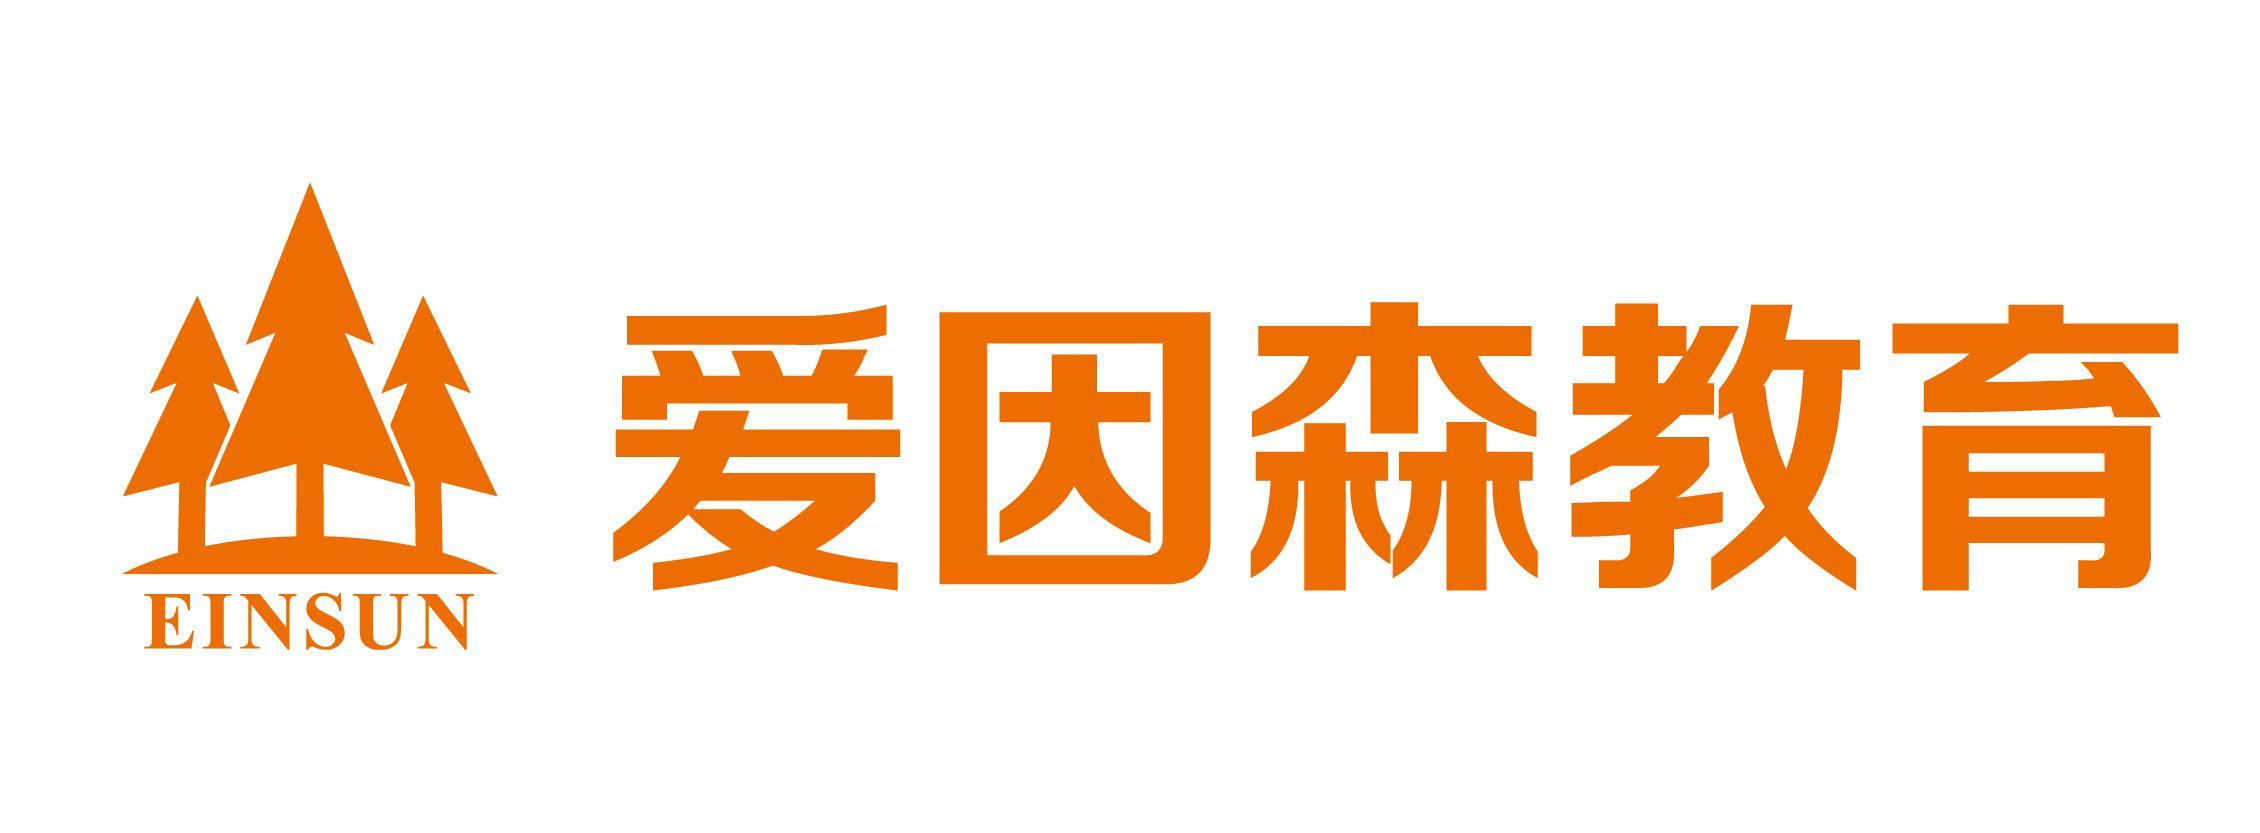 云南爱因森科技专修学院